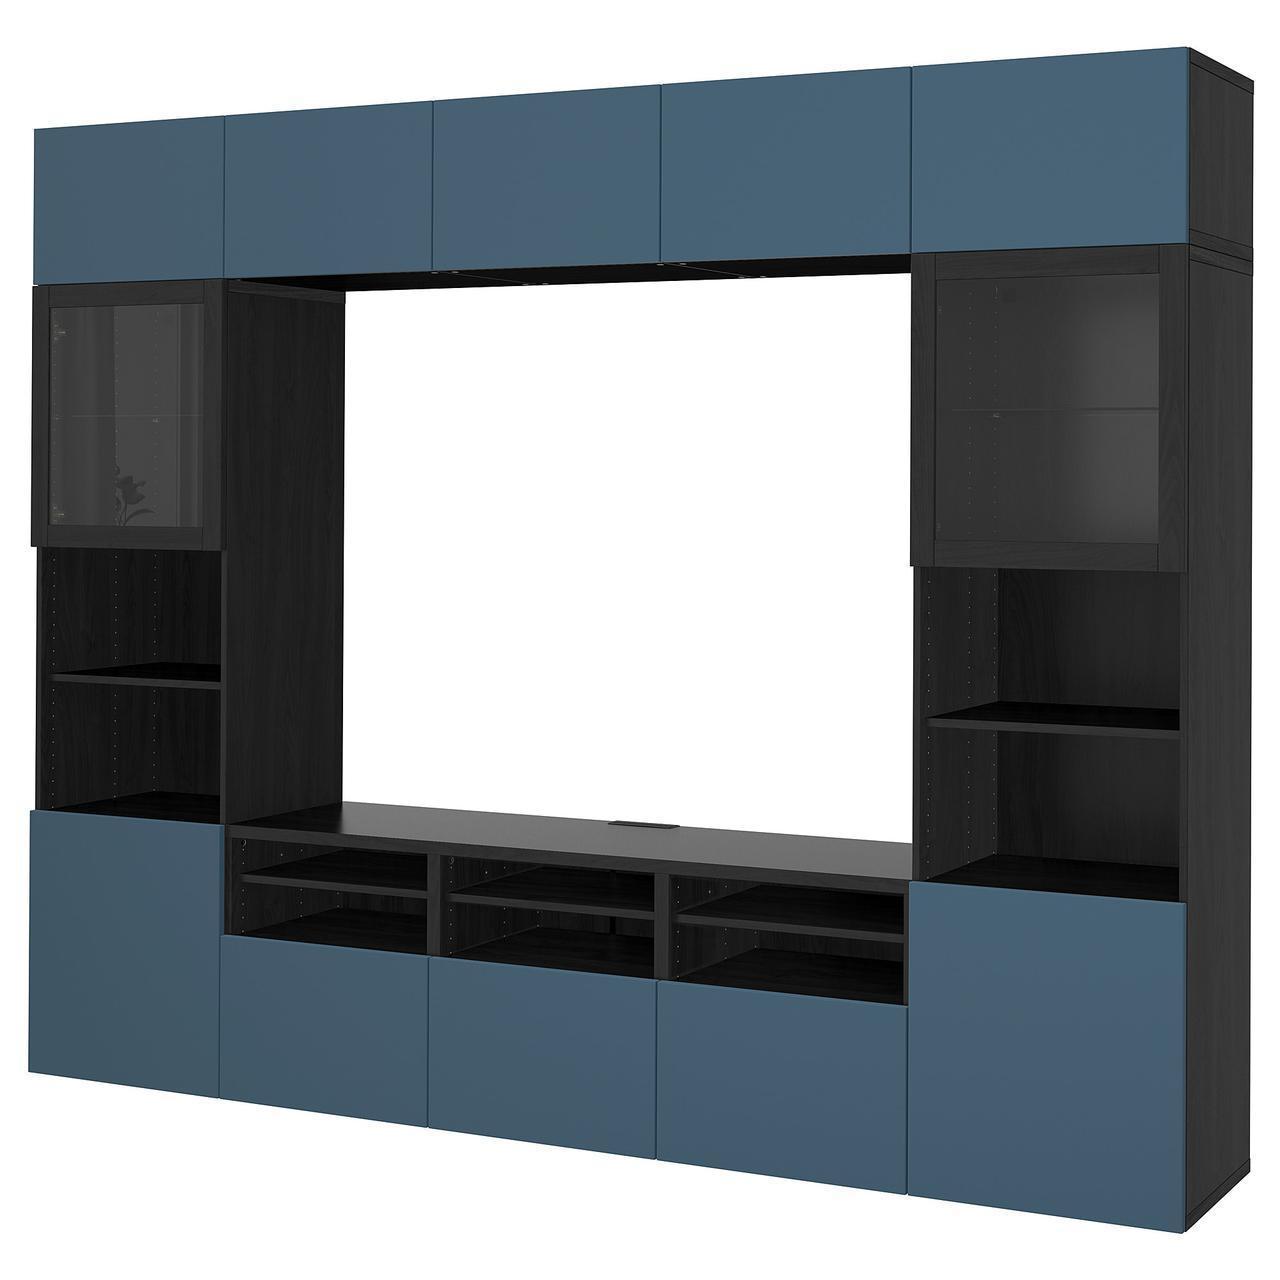 IKEA BESTA Тумба под телевизор с стеклянными дверьми, черно-коричневый Вальвикен, (692.033.21)